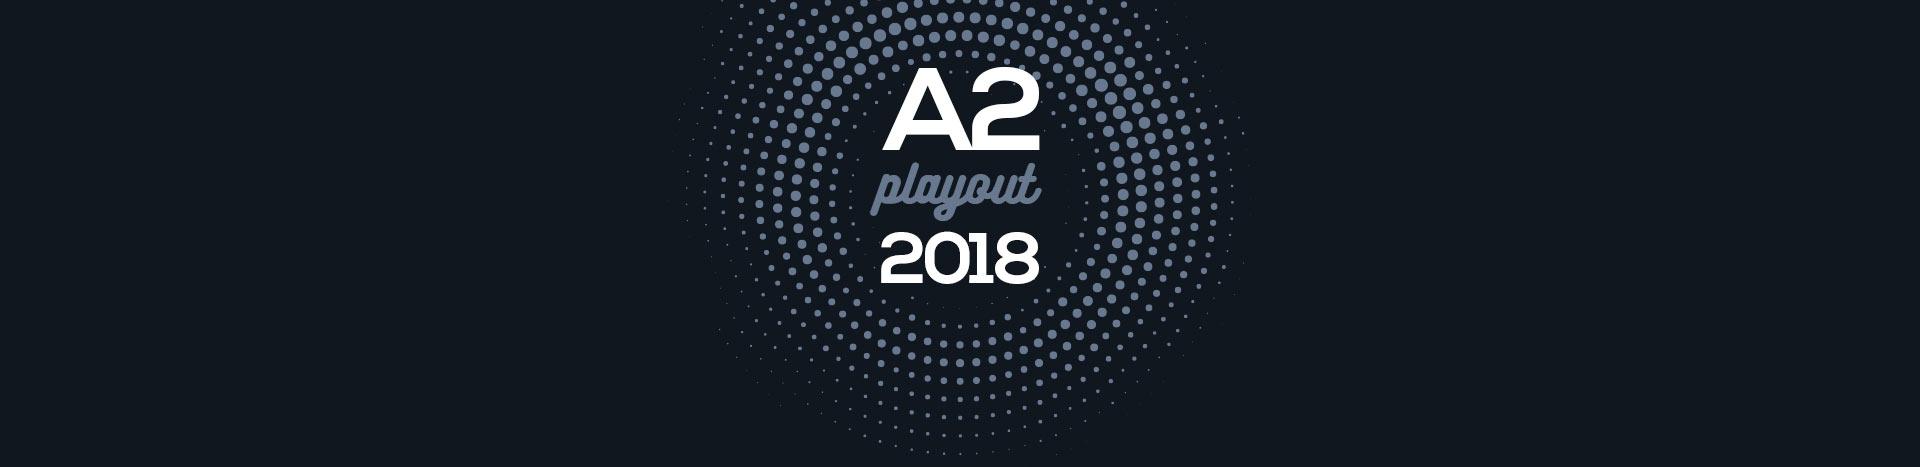 A2 Playout 2018: il tabellone e i risultati di Gara1 – 2. Turno